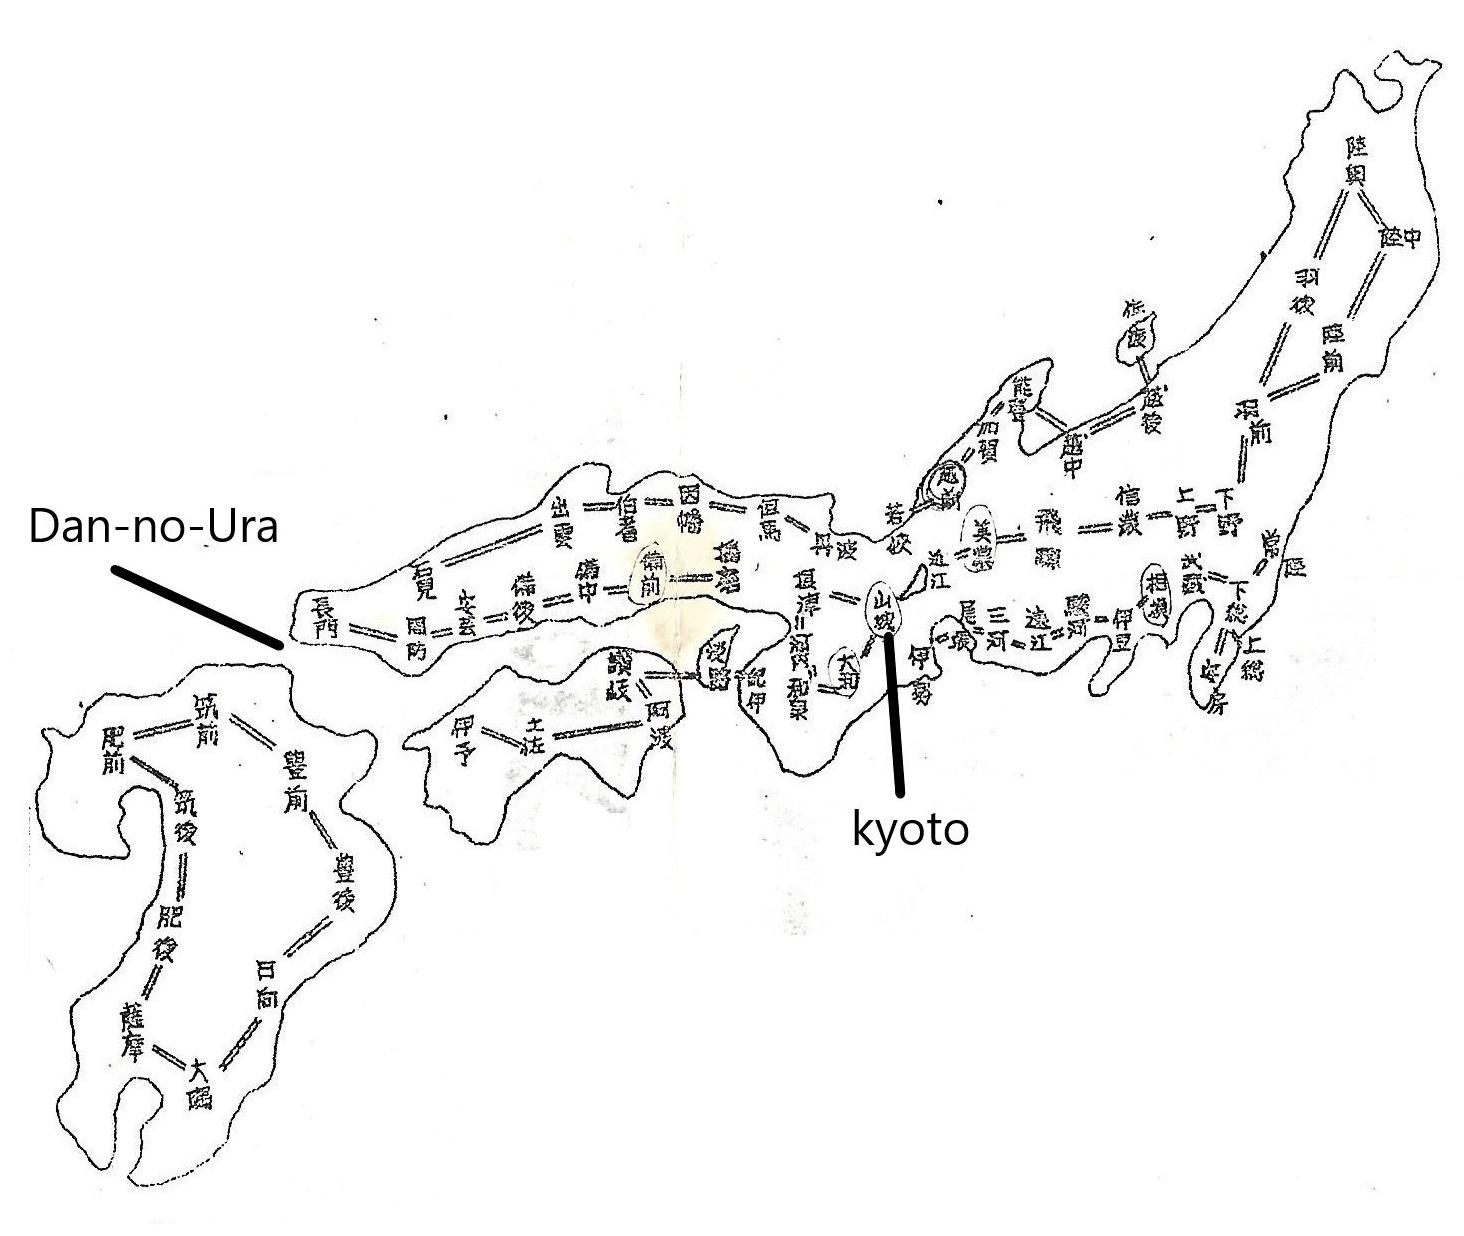 5-map-dan-no-ura-.jpg